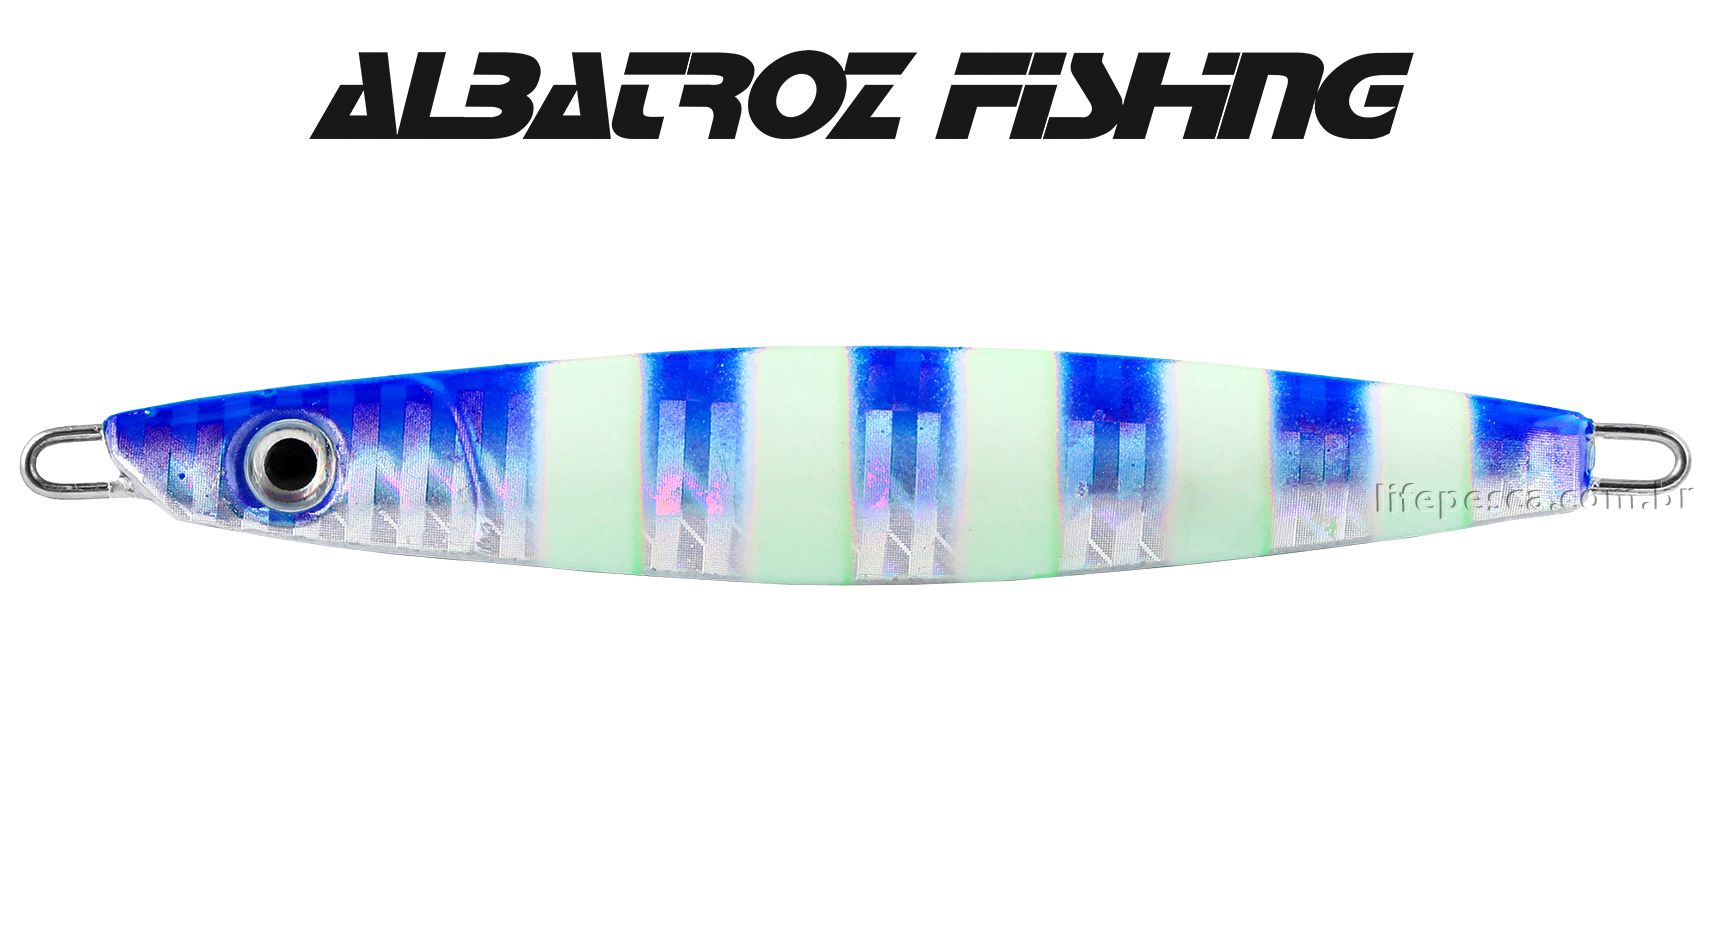 Isca Artificial Albatroz Fishing  Jumping Jig Dragon (150g) - Várias Cores  - Life Pesca - Sua loja de Pesca, Camping e Lazer